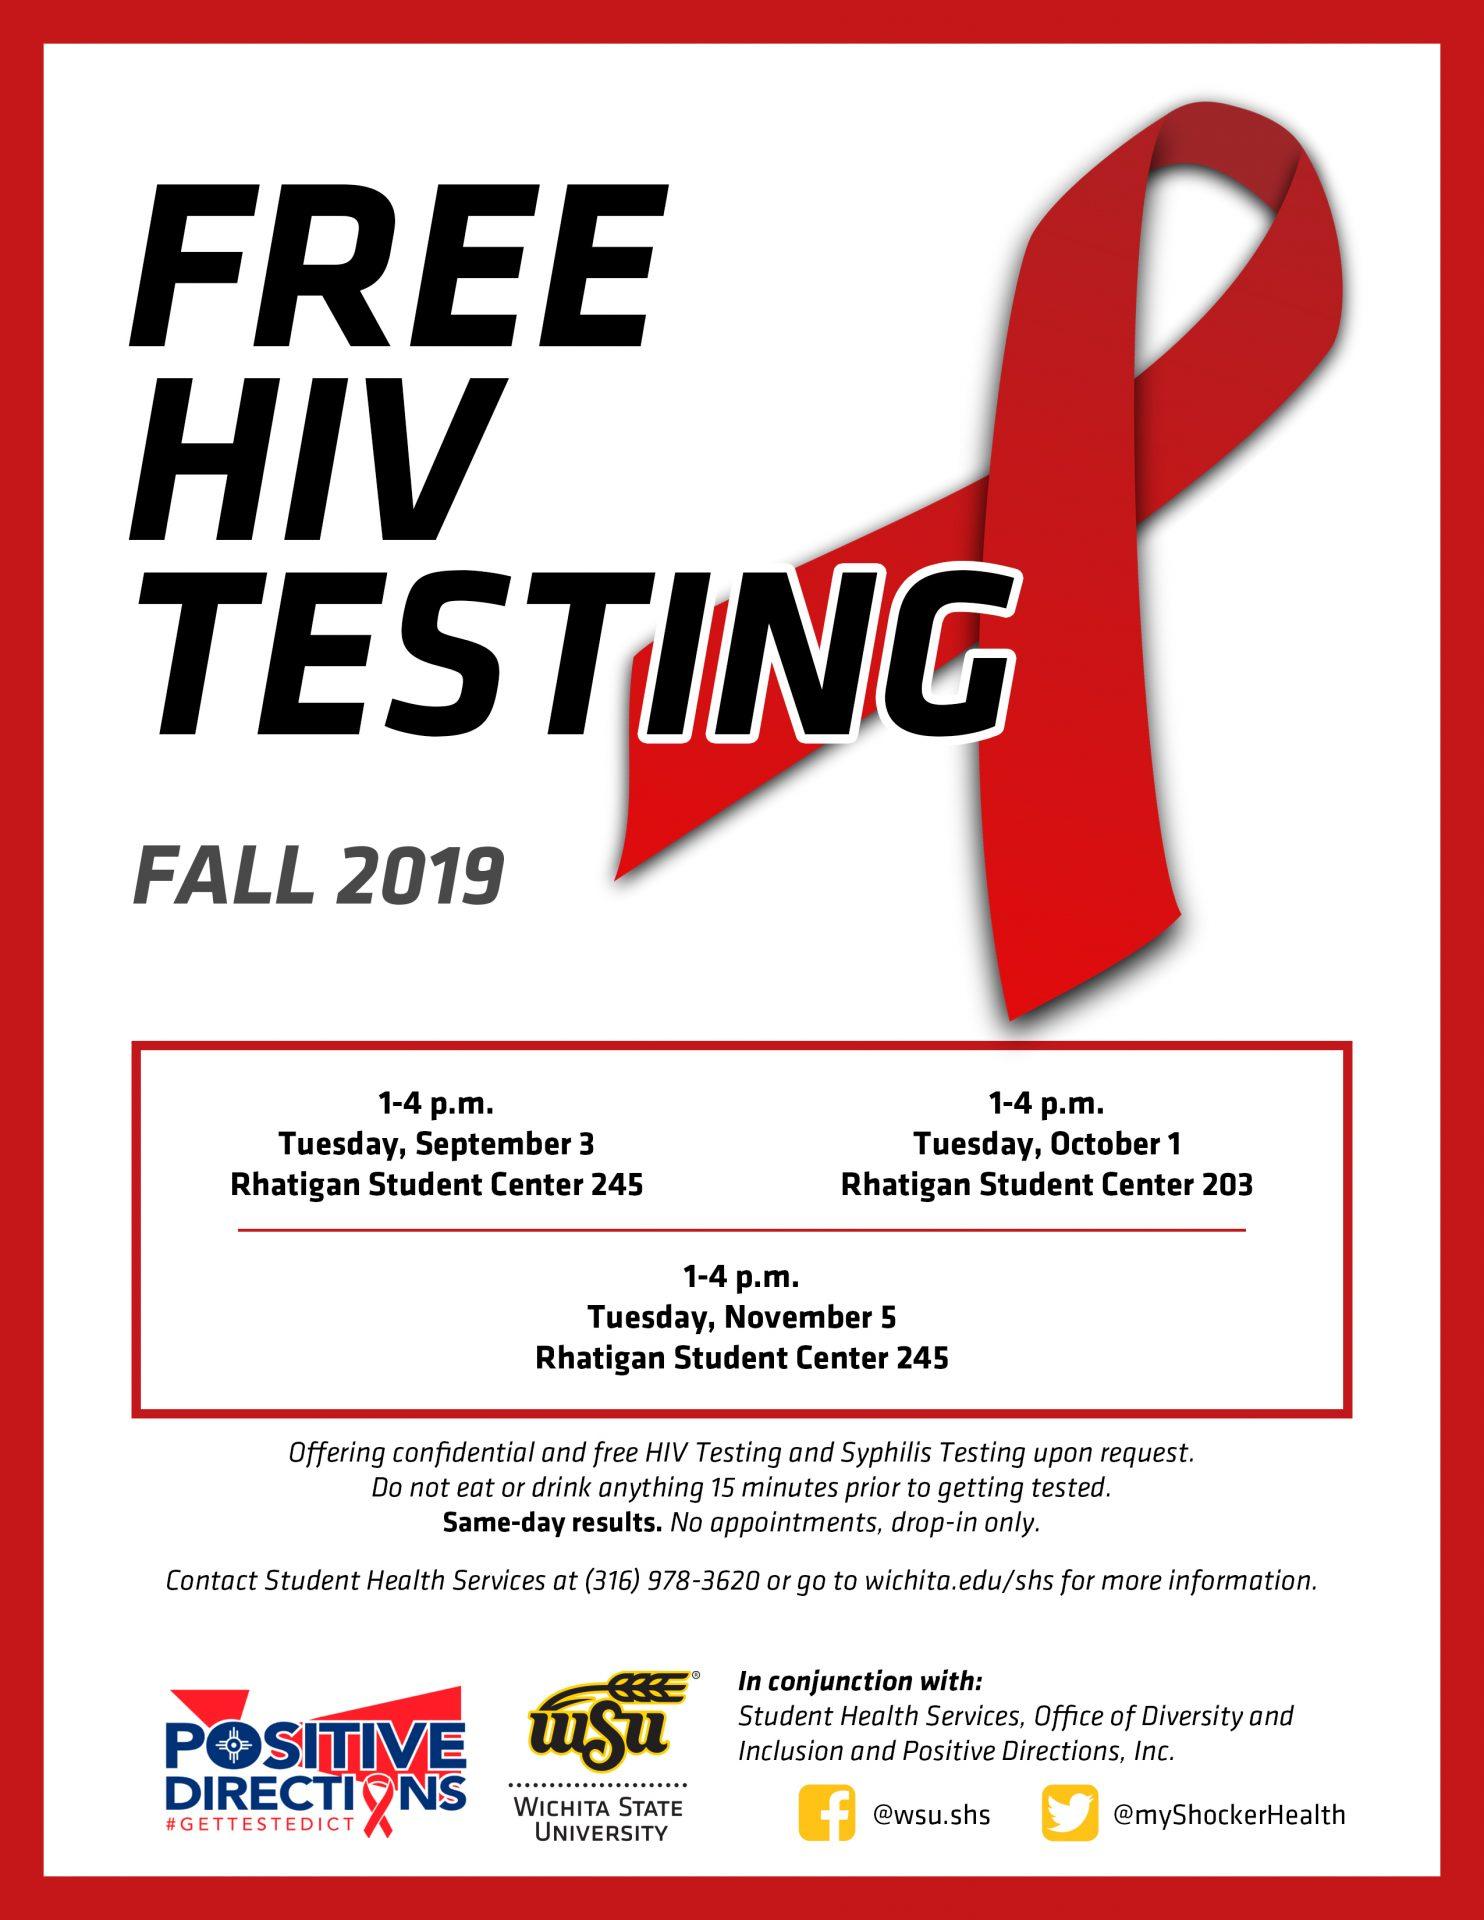 FREE HIV Testing Fall 2019